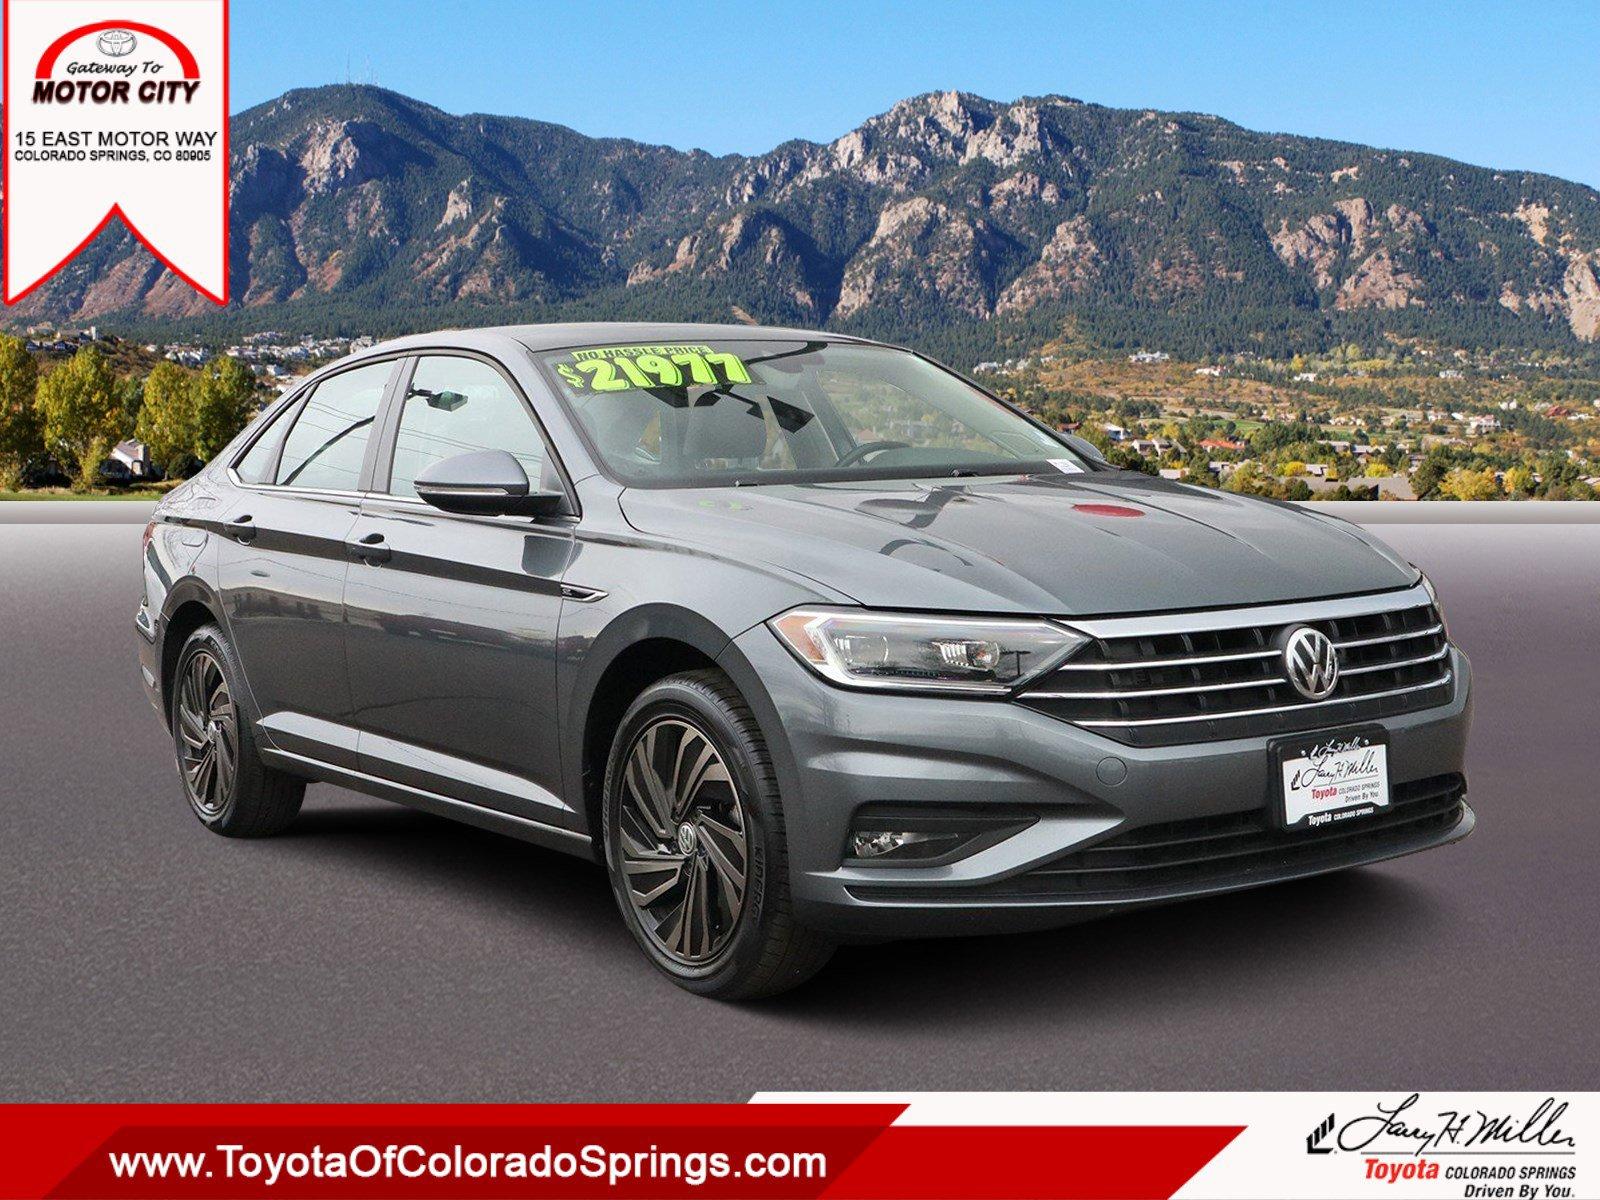 2019 Volkswagen Jetta SEL Premium image